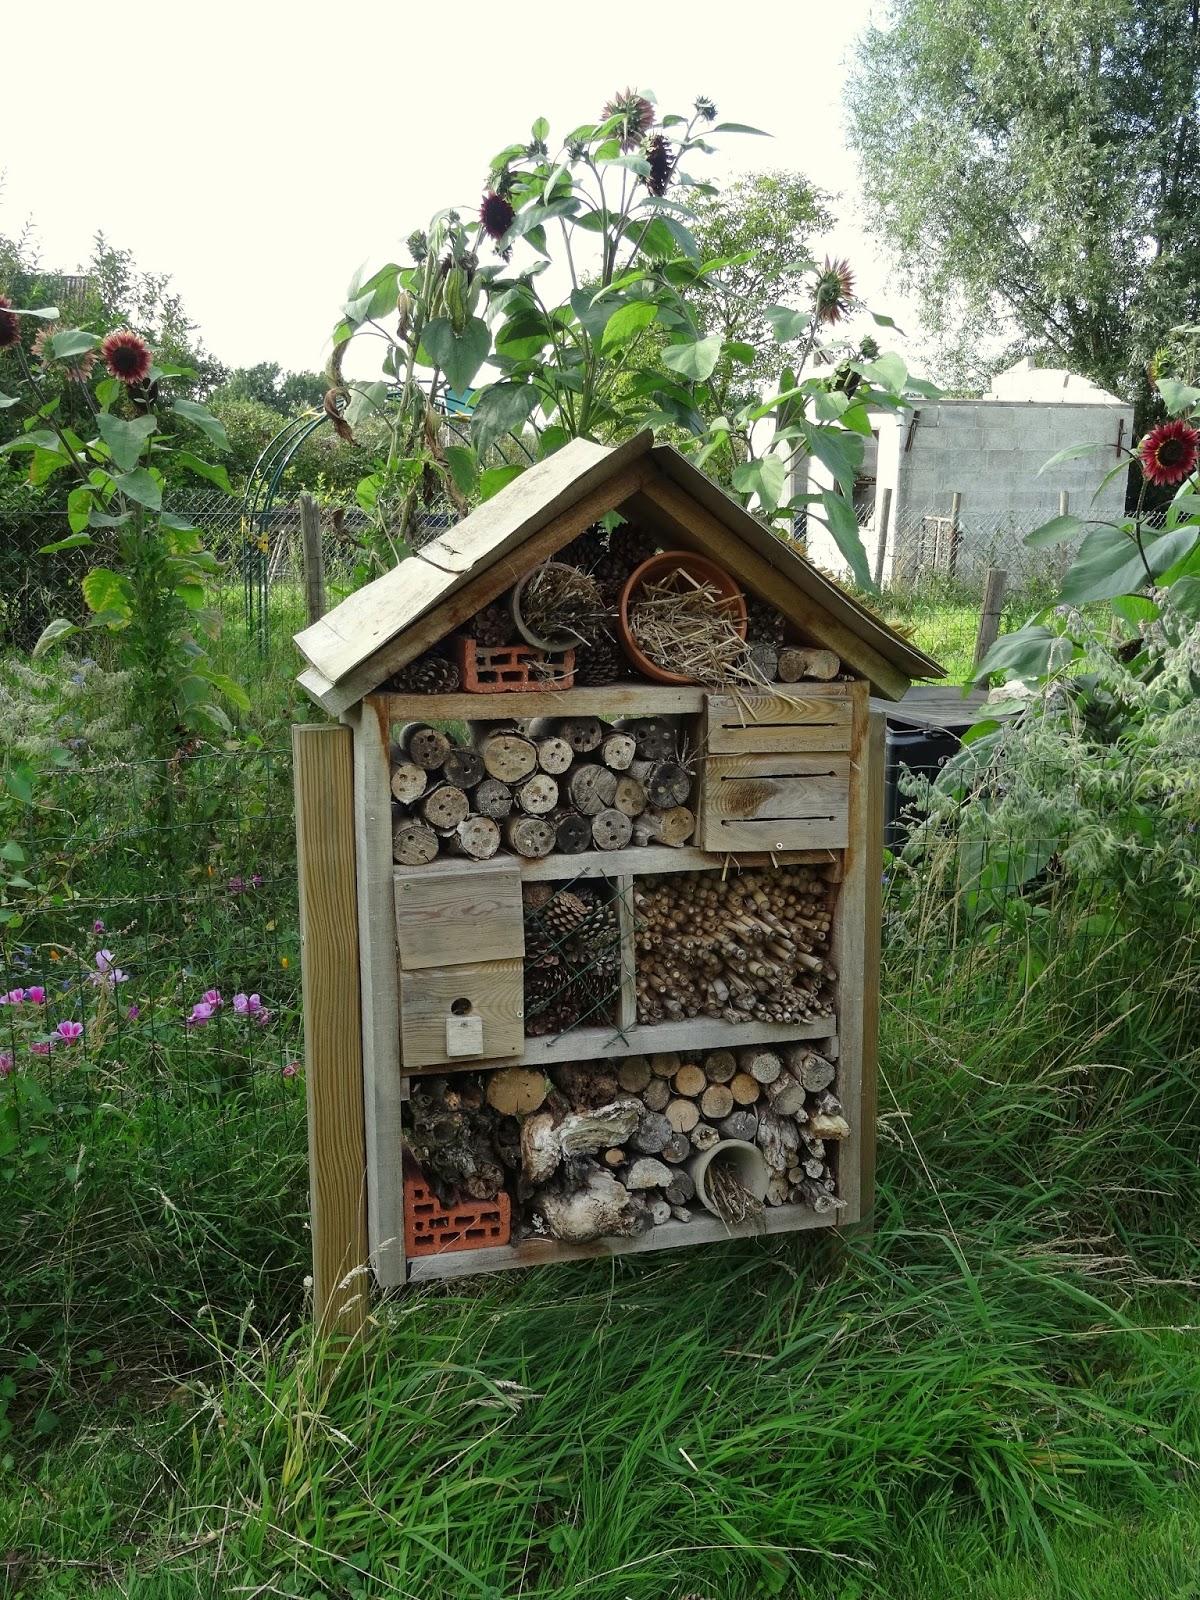 Le blog du bricolage idiot h tel insectes - Que peut on mettre dans un composteur de jardin ...